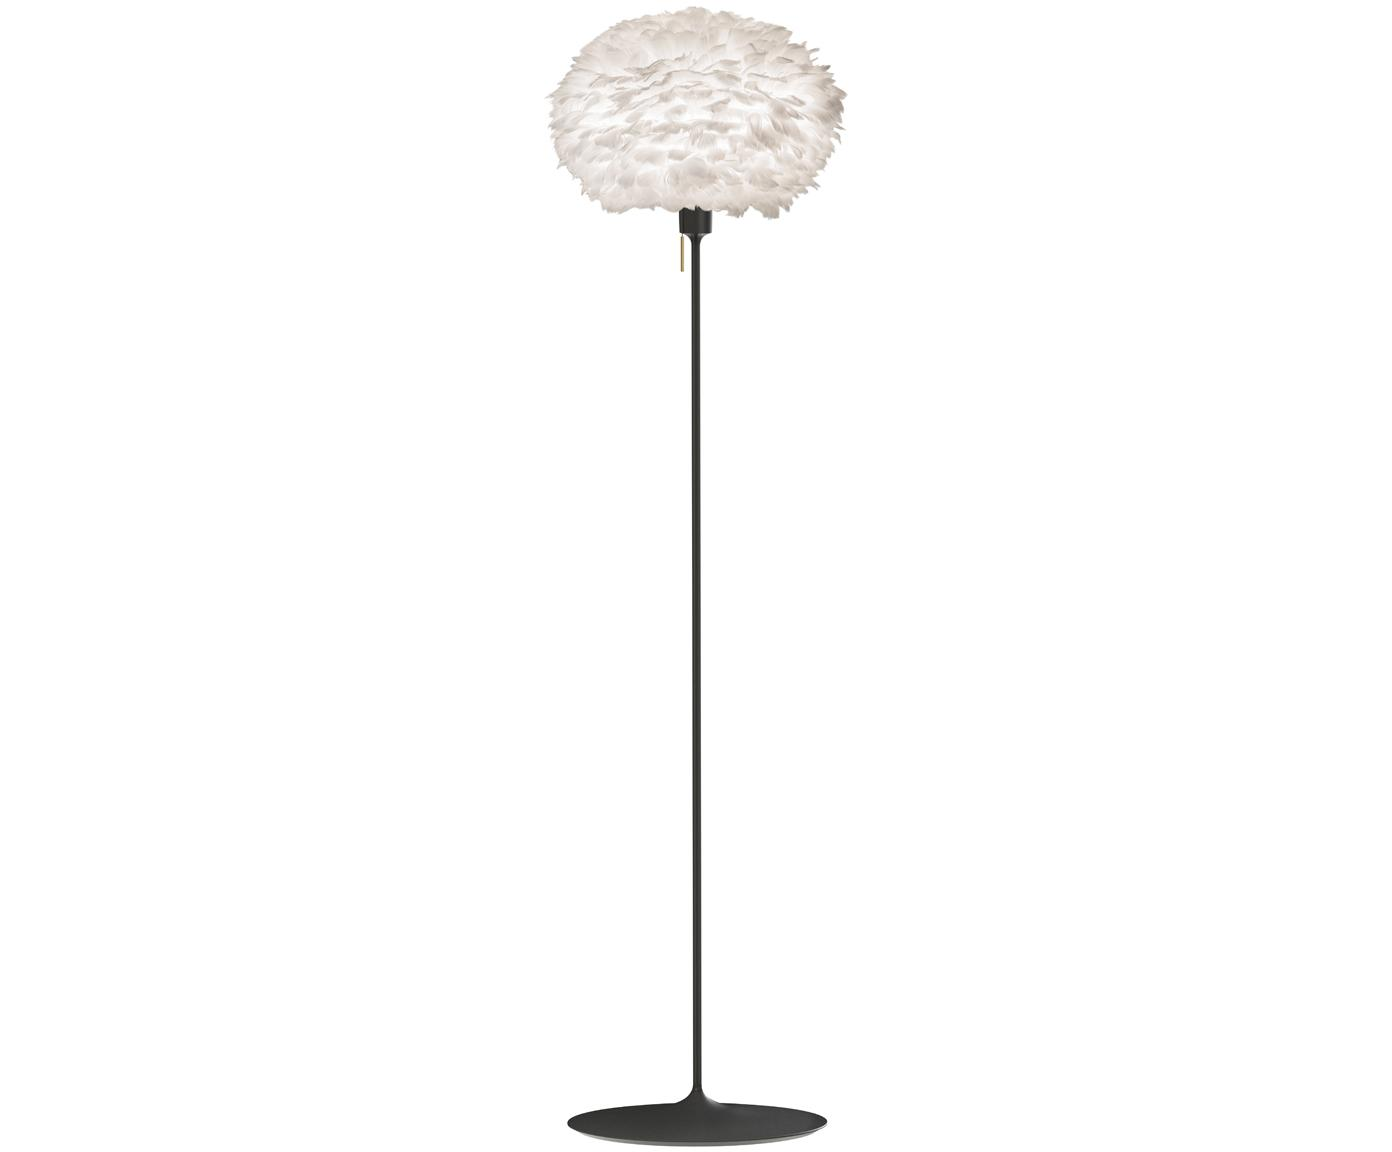 Lampada da terra in piume Eos, Paralume: piuma d'oca, acciaio, Base della lampada: alluminio verniciato, Bianco, nero, Ø 45 x Alt. 170 cm